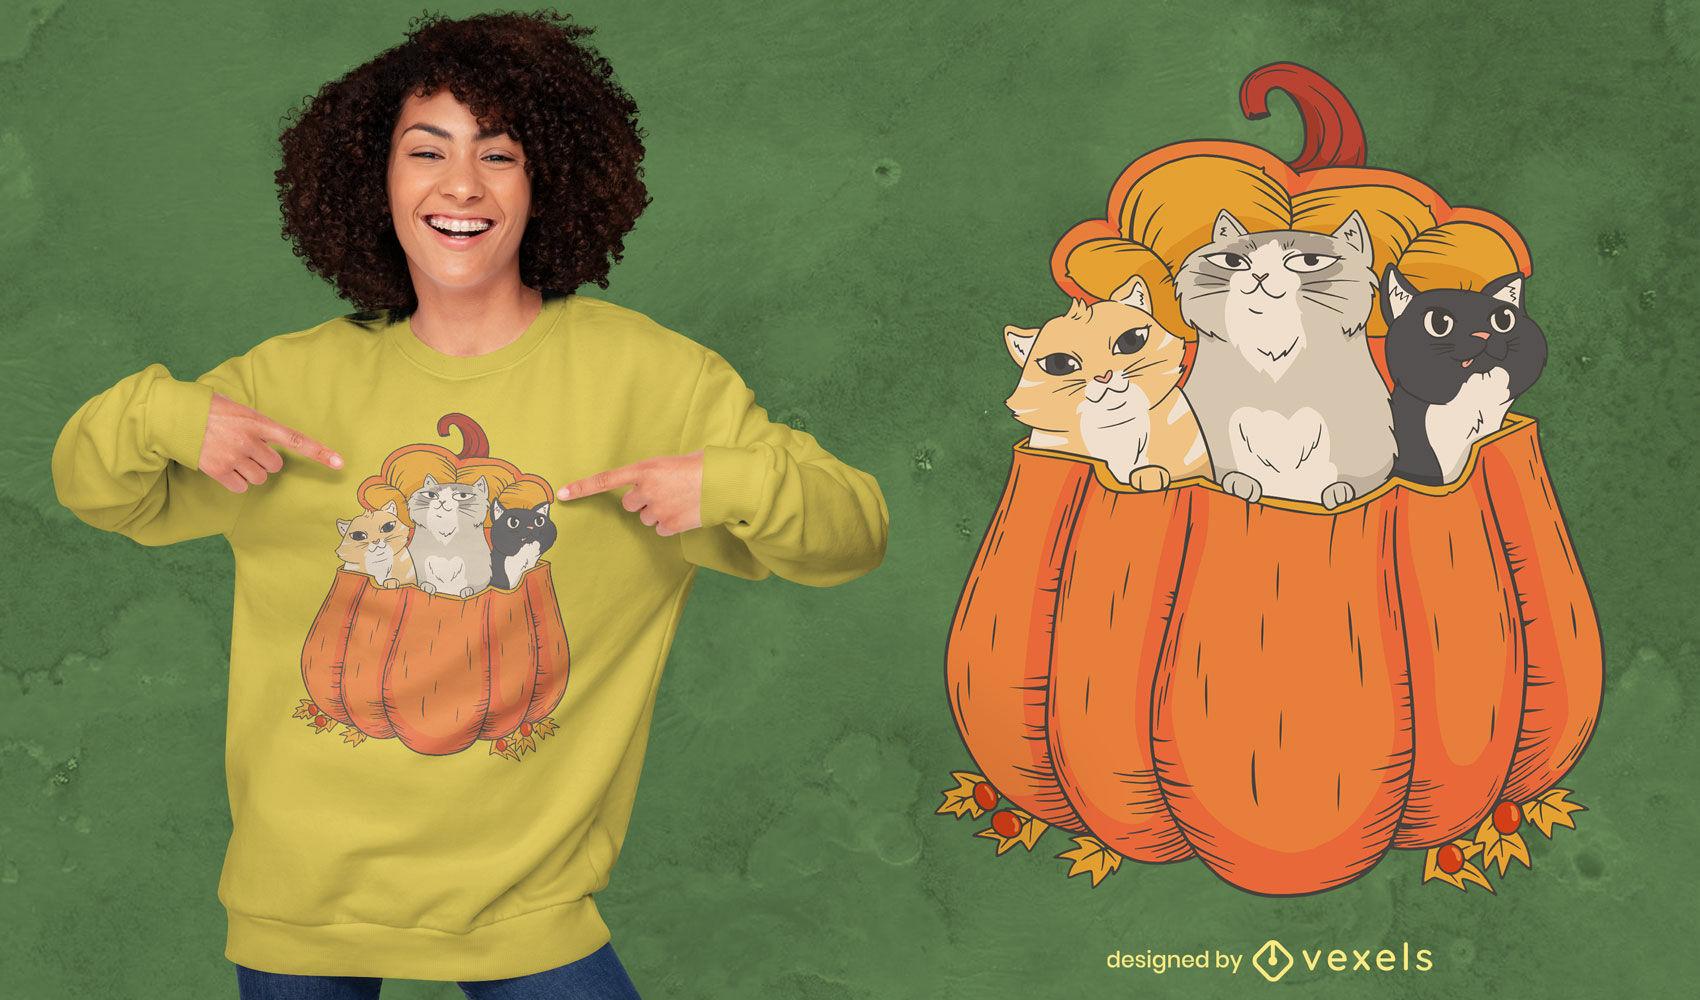 Gatos en dise?o de camiseta de ilustraci?n de calabaza